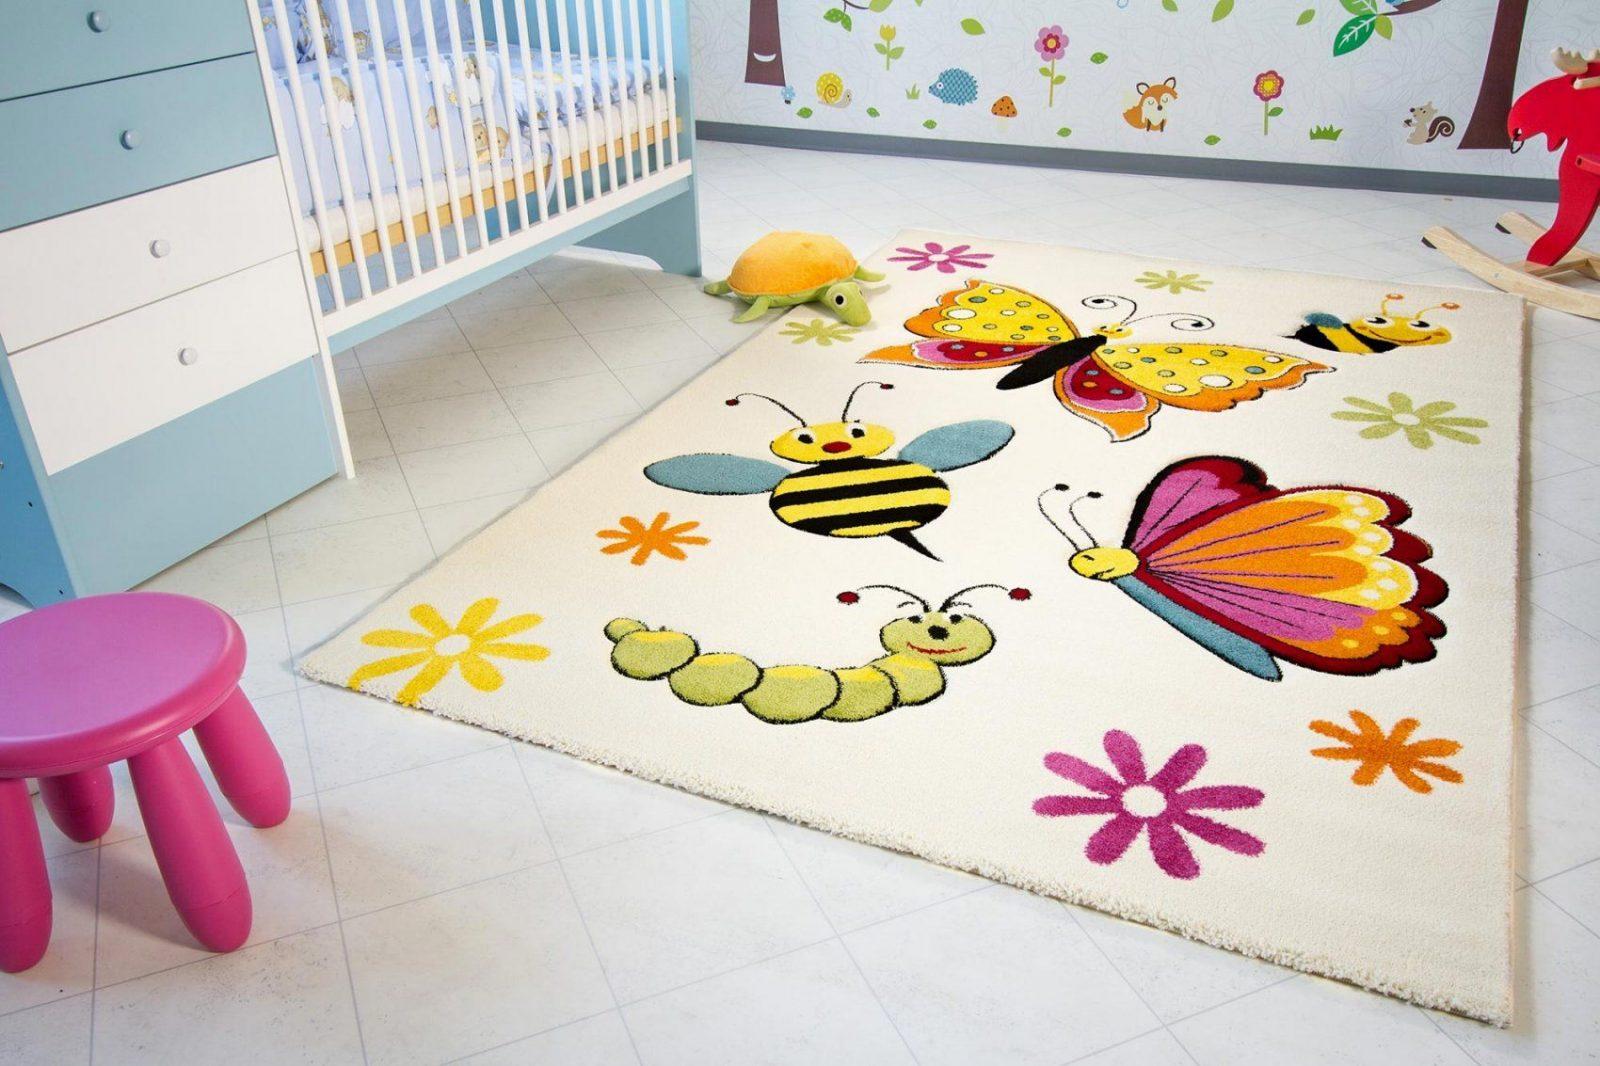 Schönheit Kinderteppiche Ikea Cool Teppiche Fur Kinderzimmer 674 von Ikea Teppich Für Kinderzimmer Bild